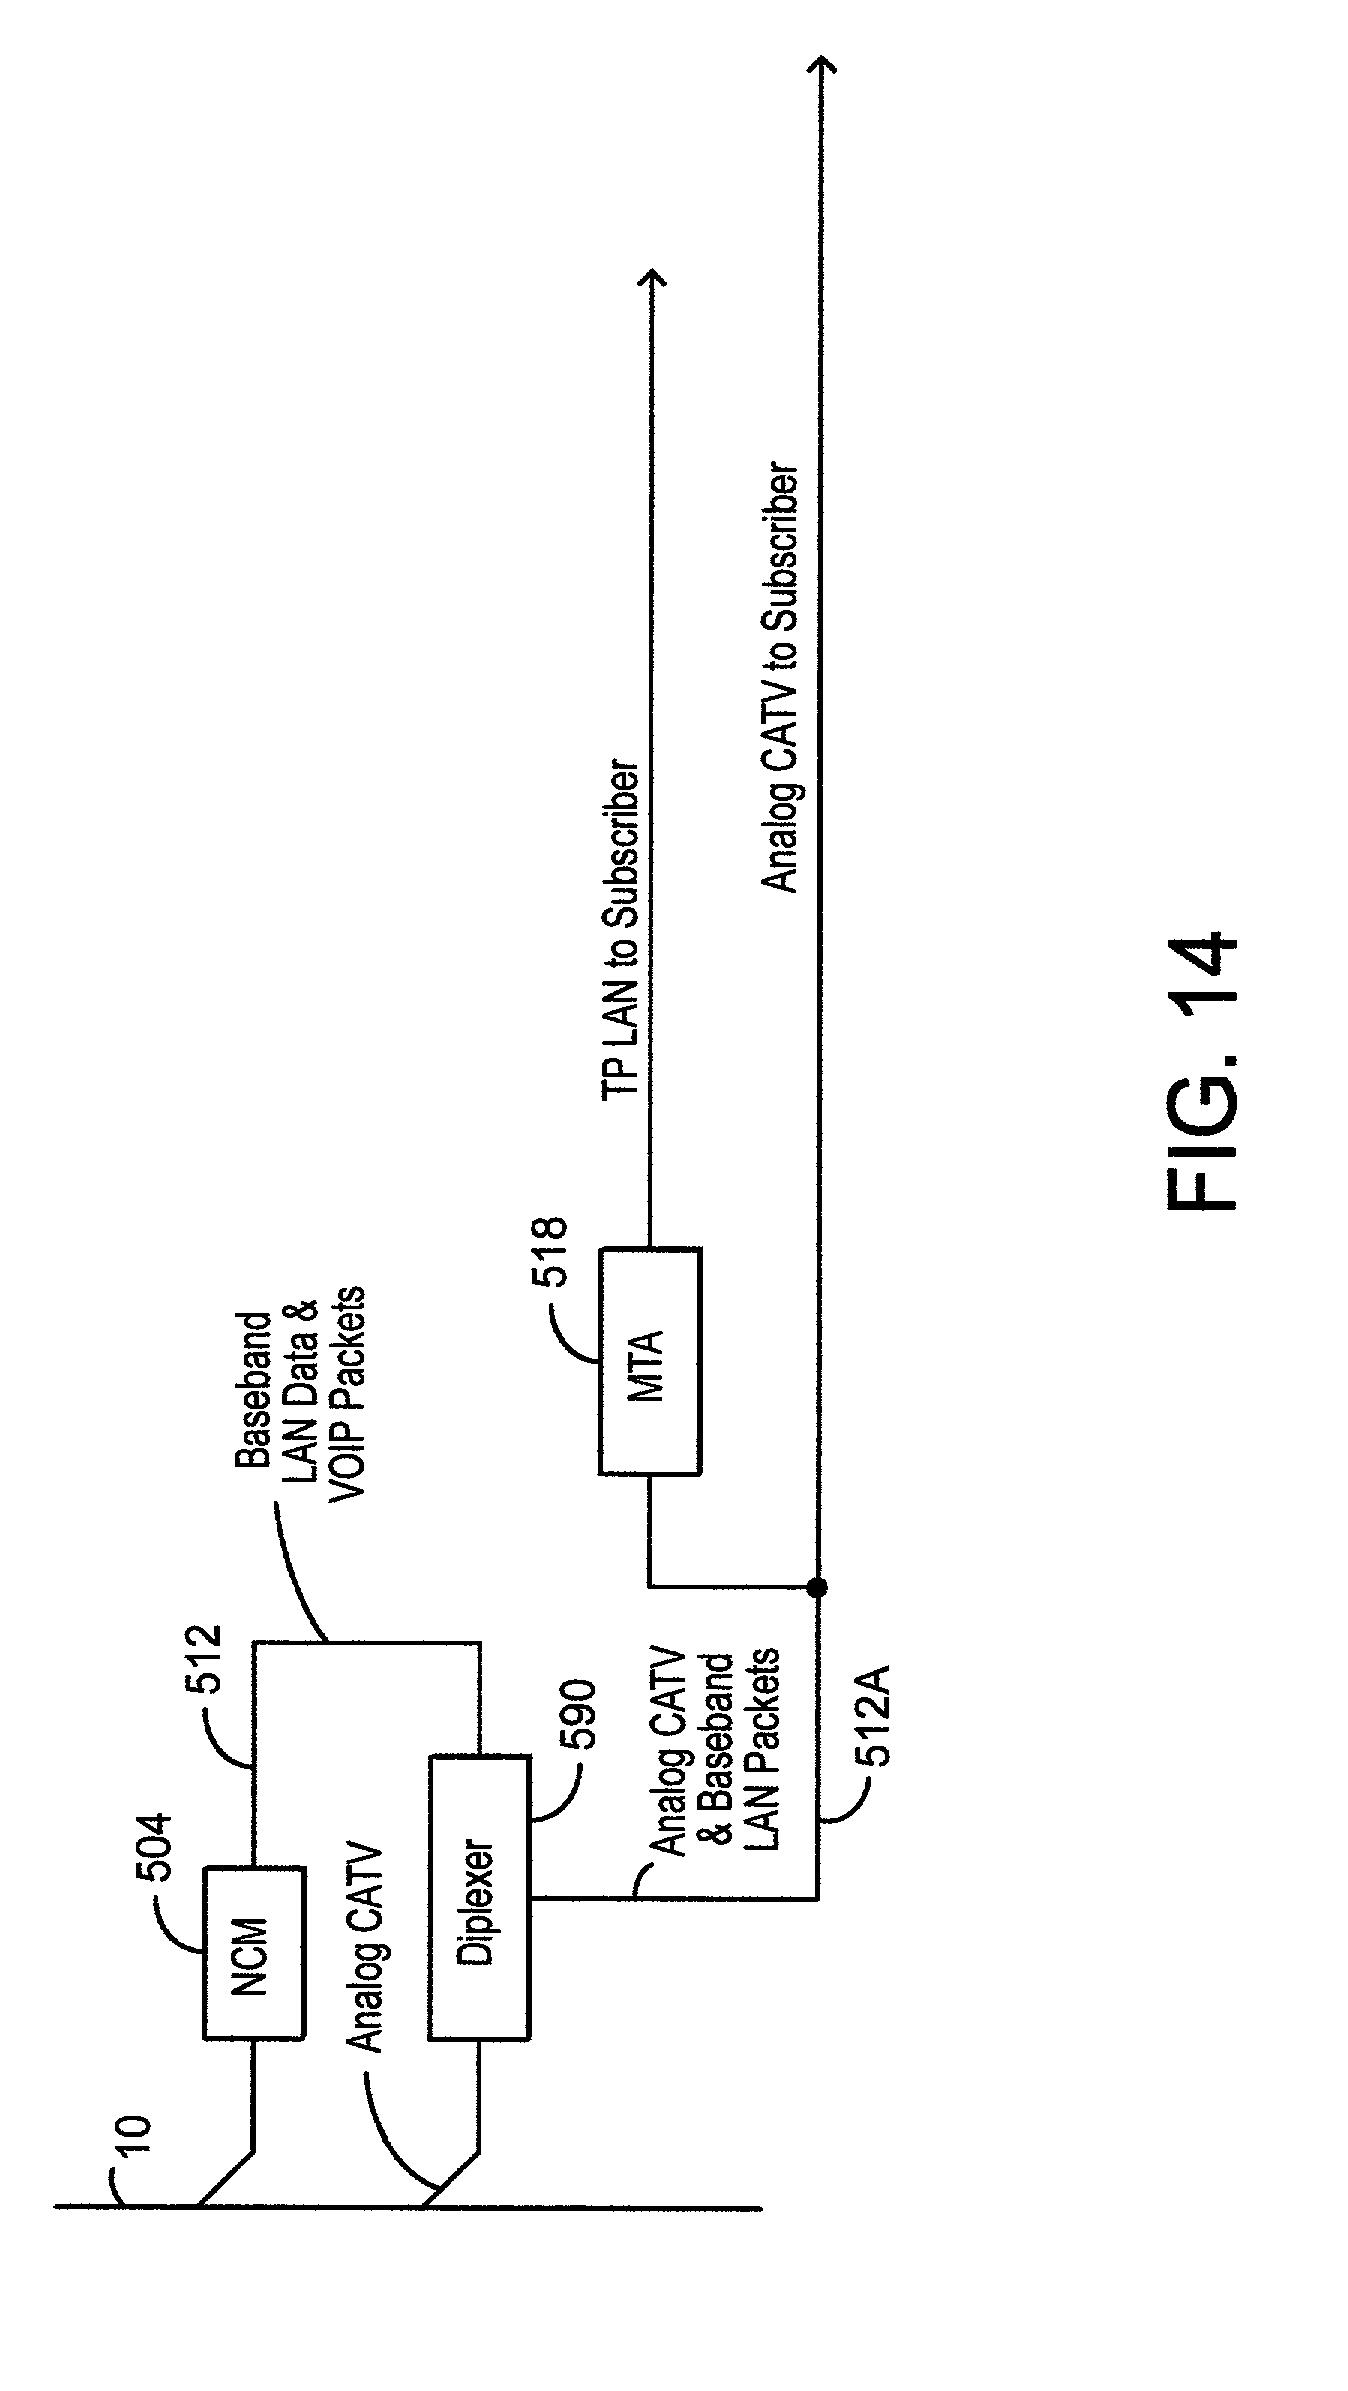 patent us7007296